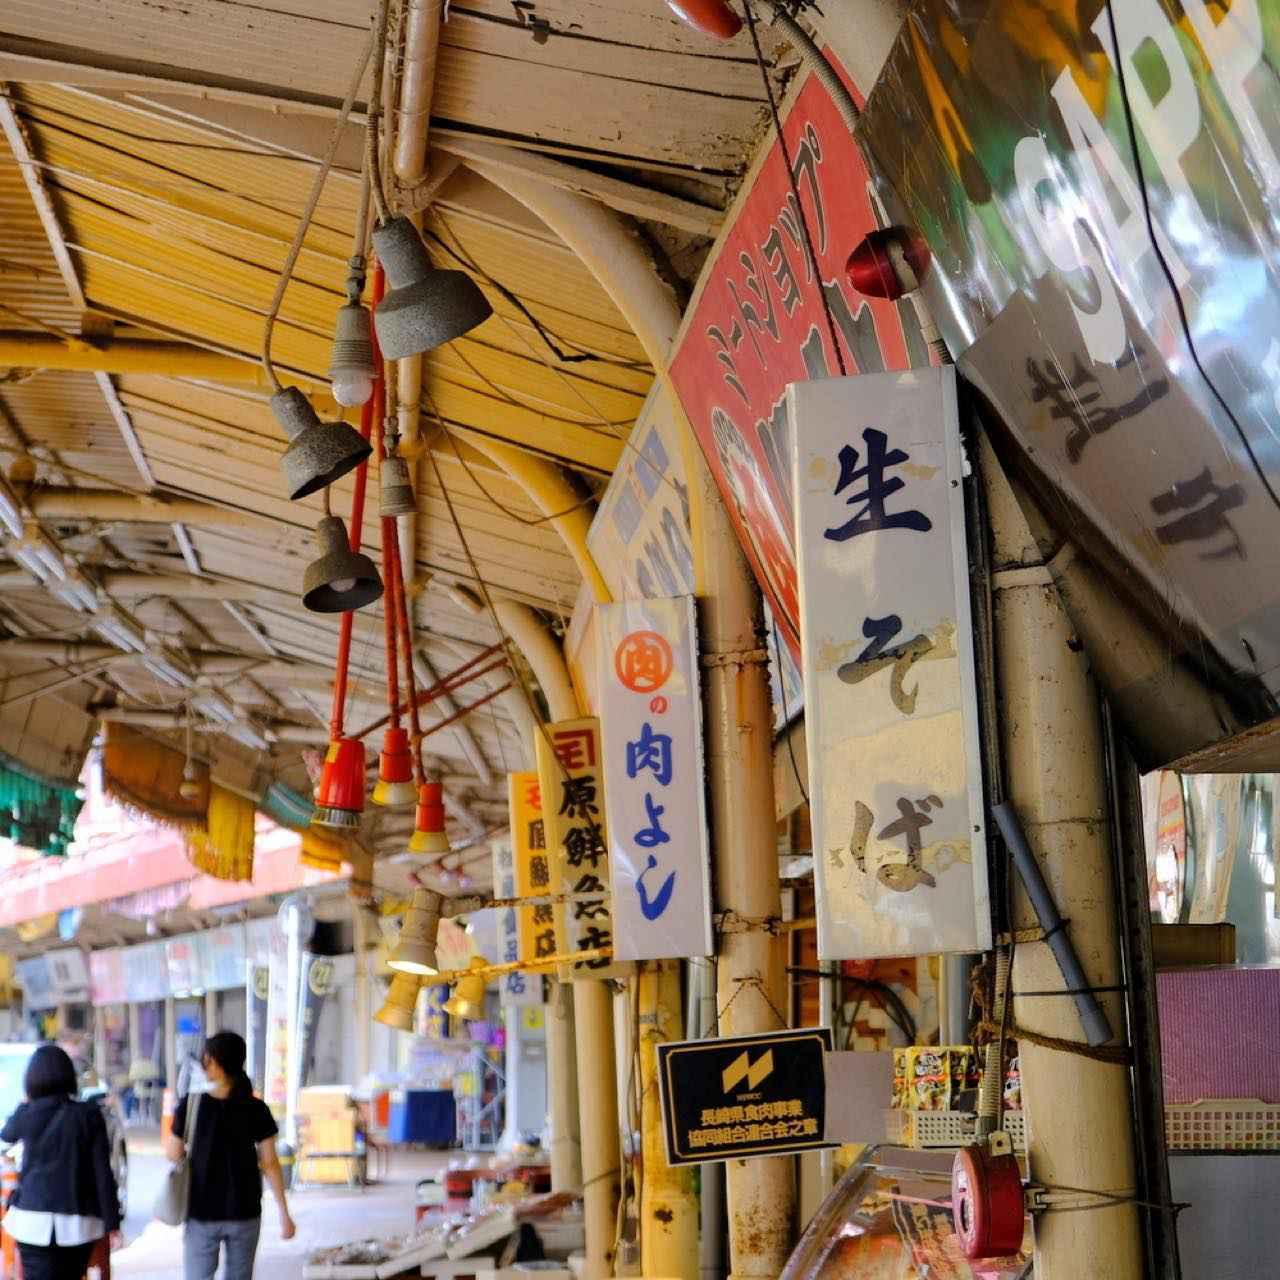 画像: 大正時代から続く市場で、佐世保の街の移り変わりを見守り続けてきたお店も数多く残ります。